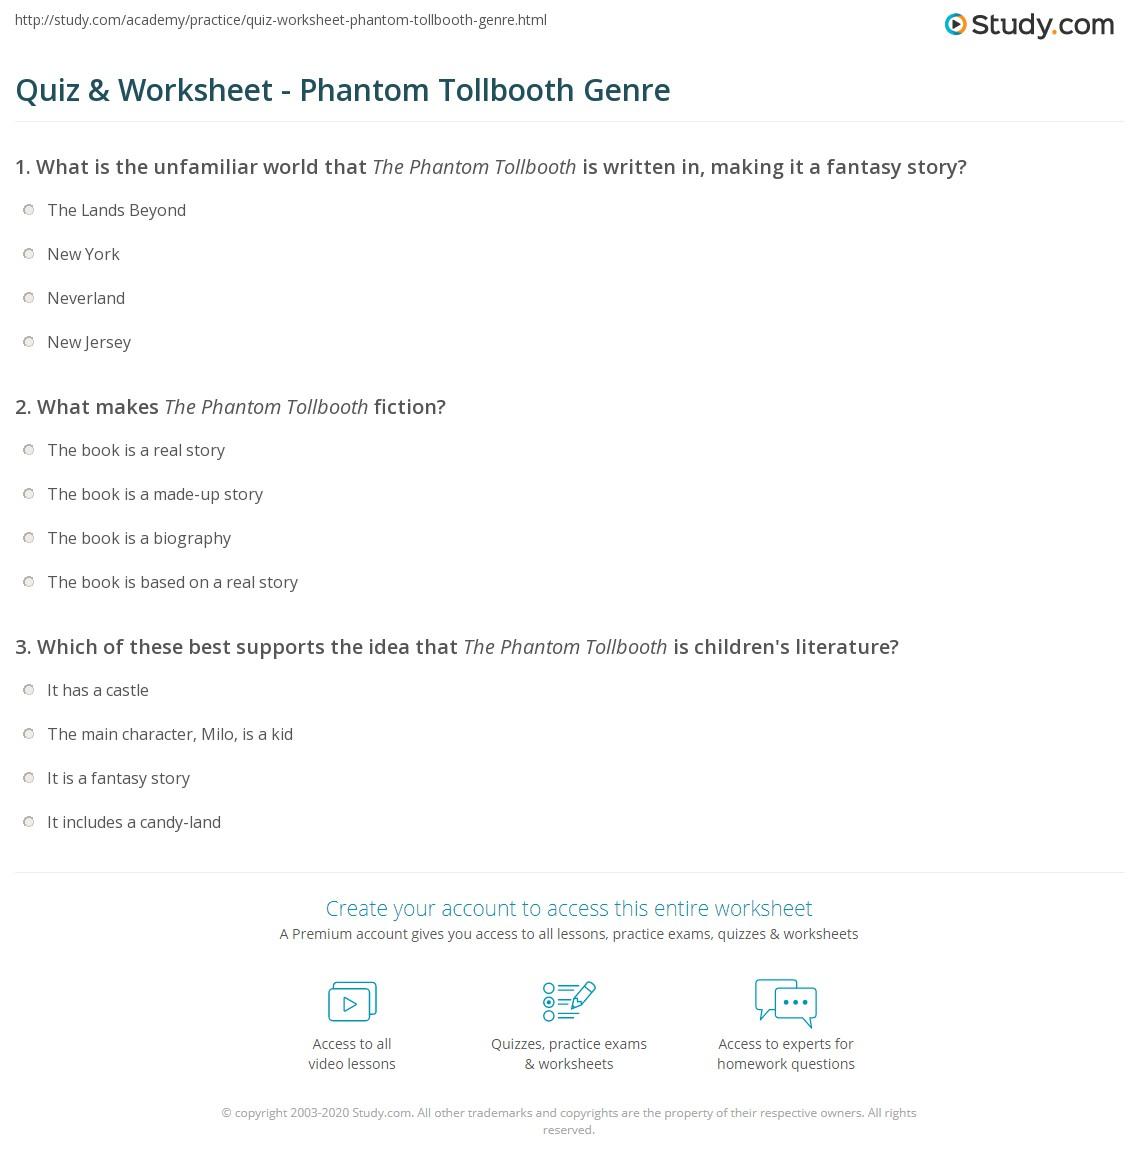 worksheet Phantom Tollbooth Worksheets quiz worksheet phantom tollbooth genre study com print what is the worksheet